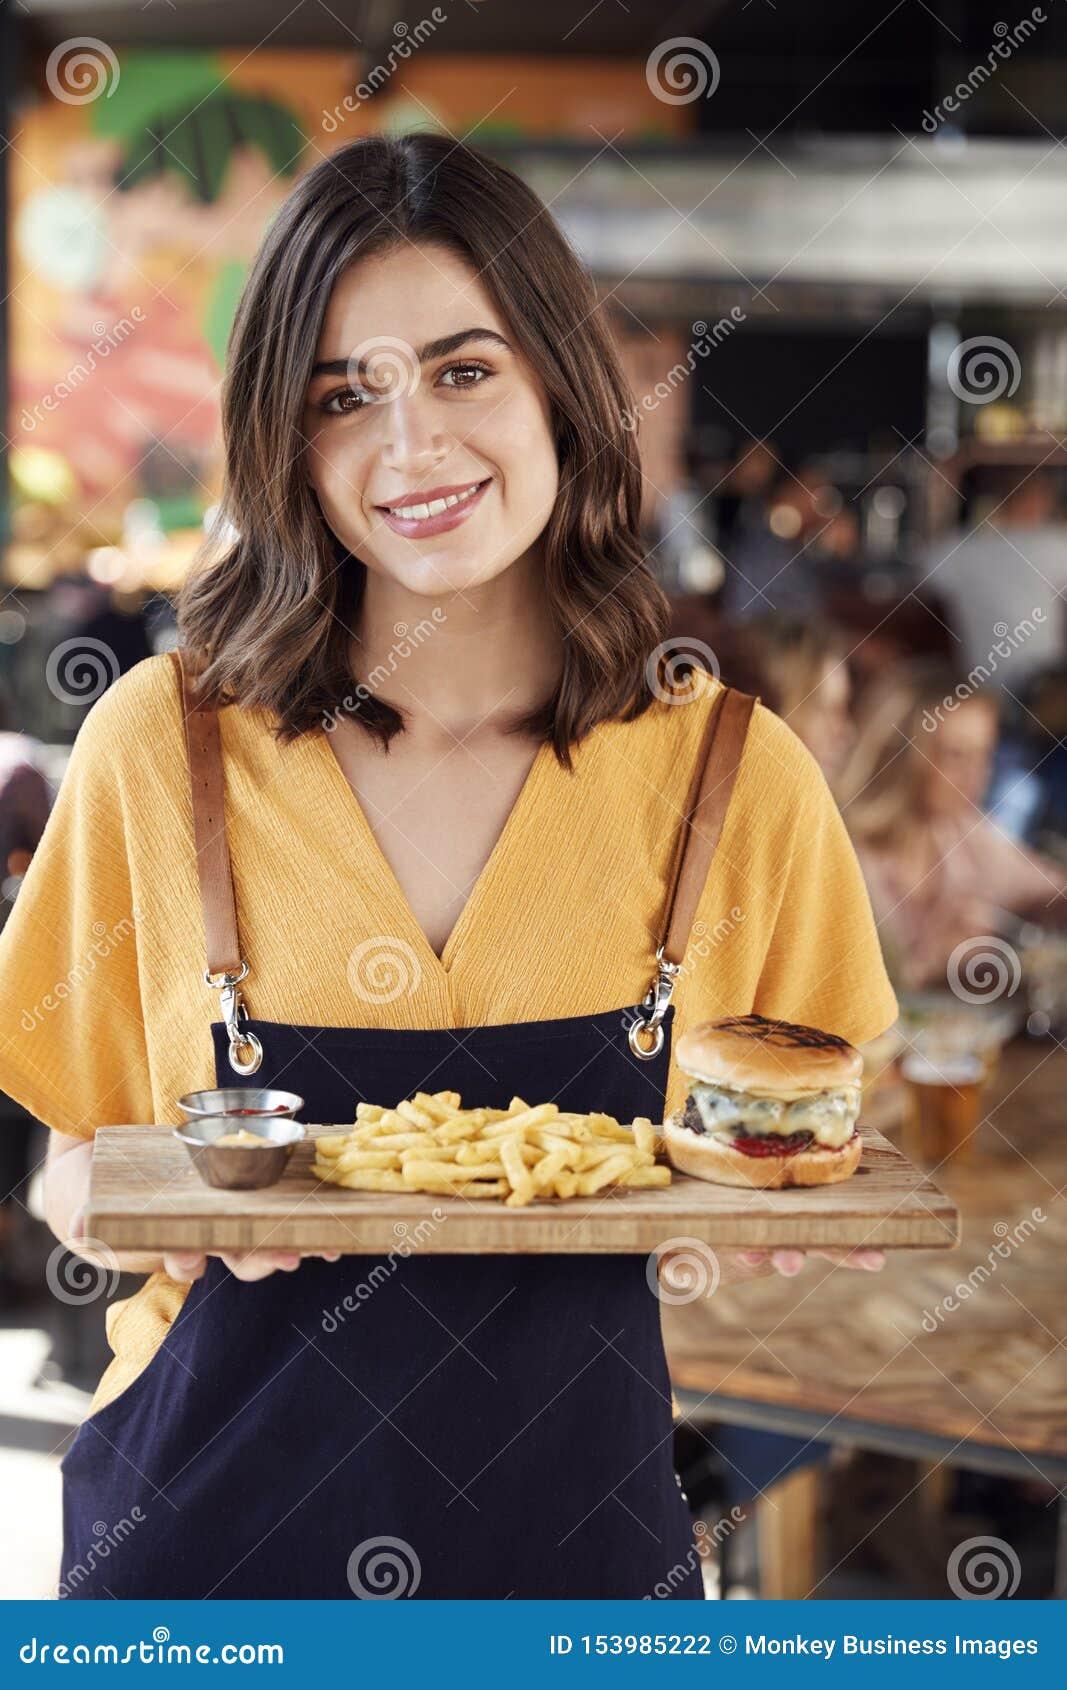 Πορτρέτο των εξυπηρετώντας τροφίμων σερβιτορών στους πελάτες στο πολυάσχολο εστιατόριο φραγμών